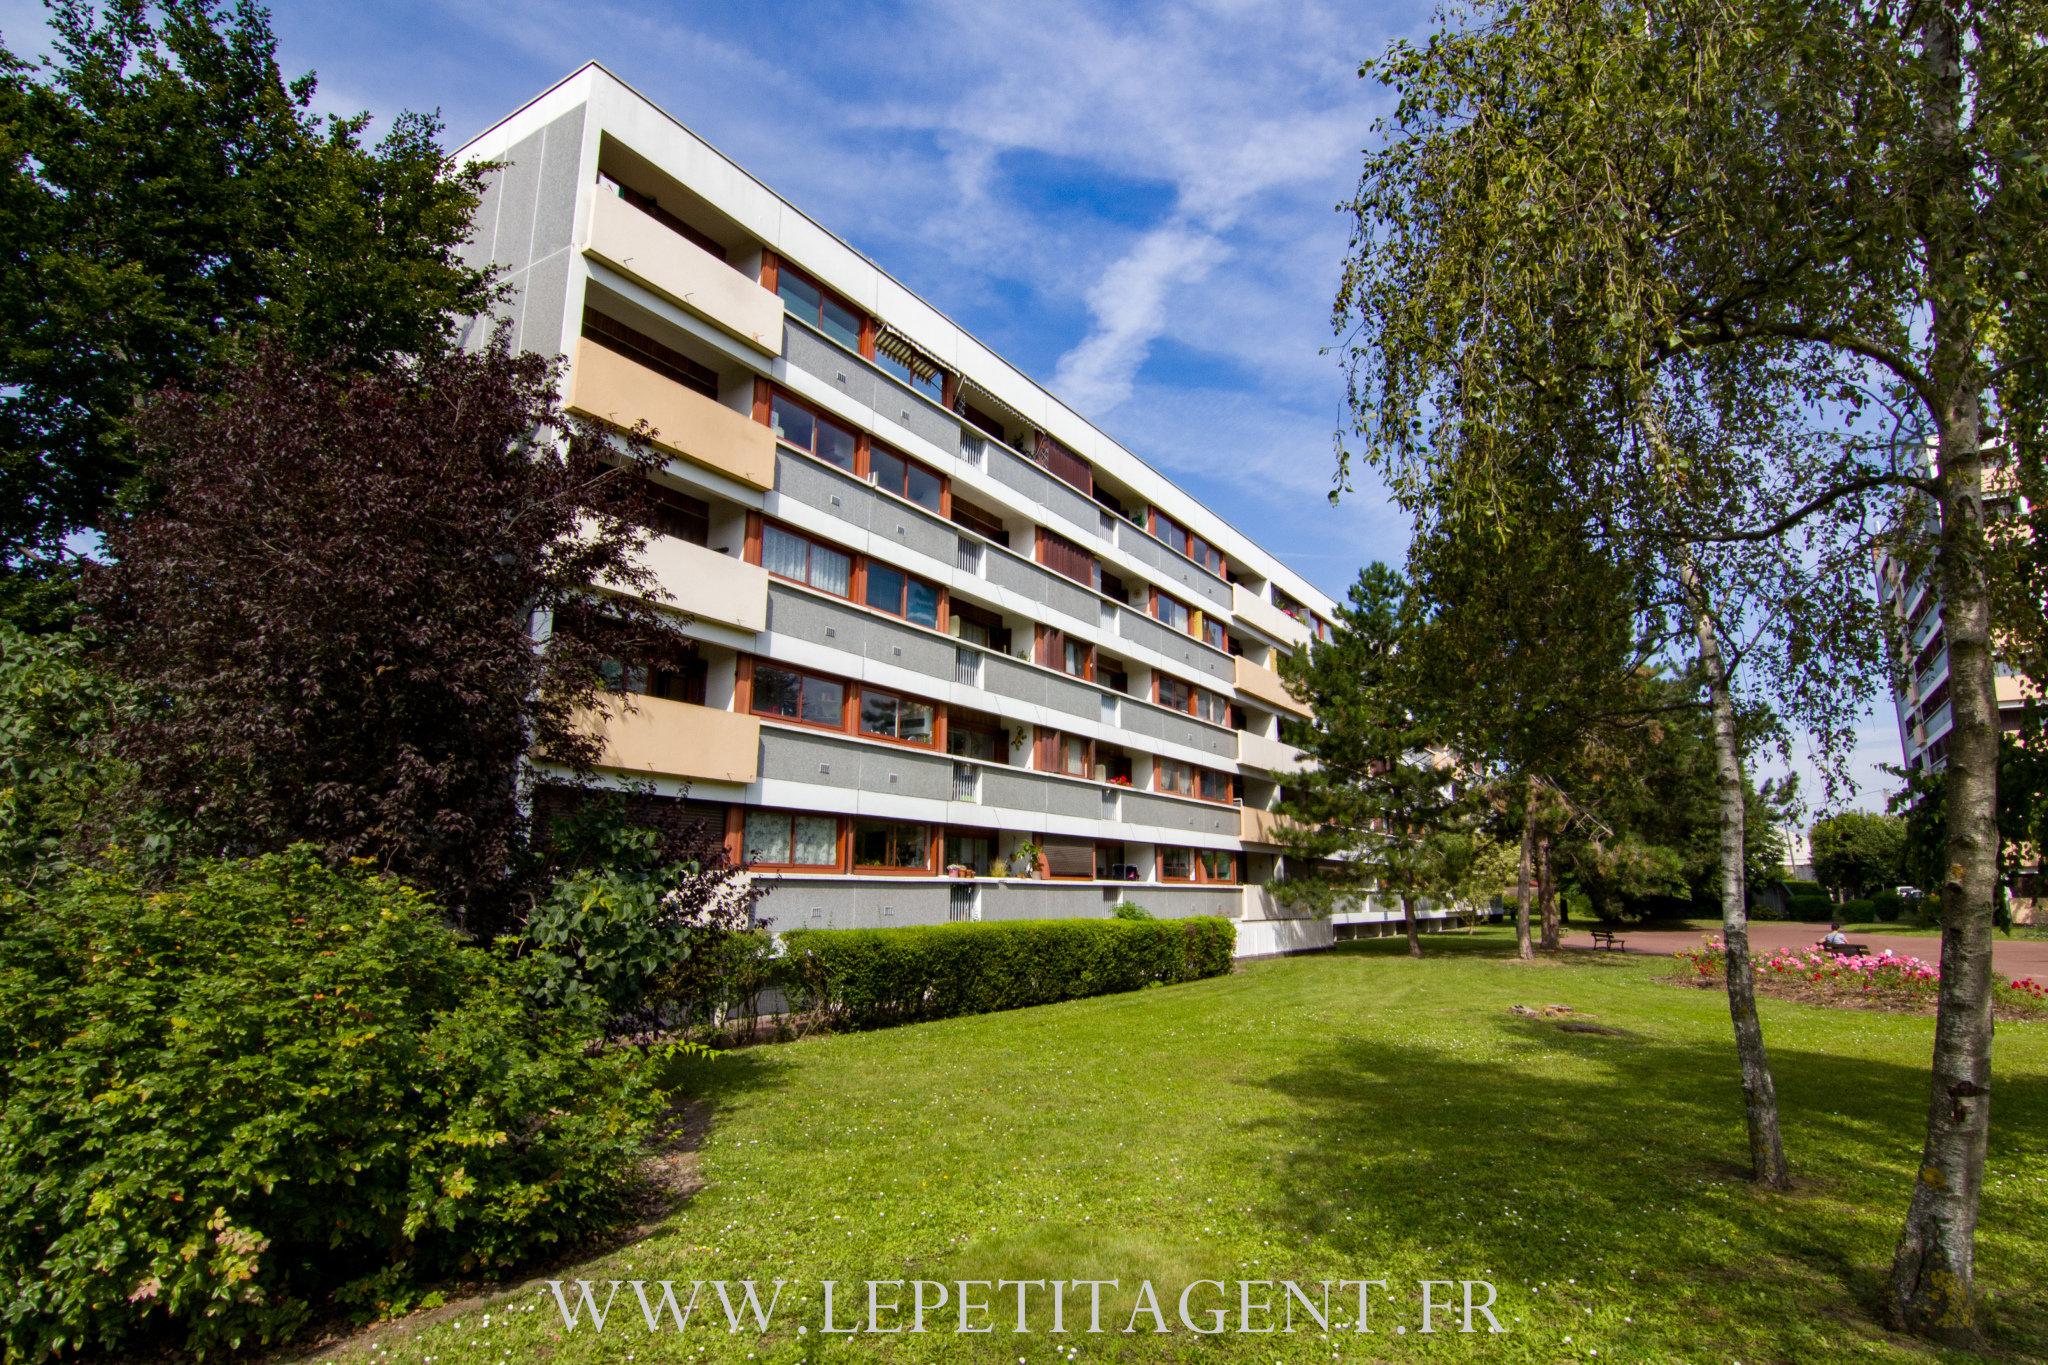 Appartement a vendre houilles - 4 pièce(s) - 70.41 m2 - Surfyn